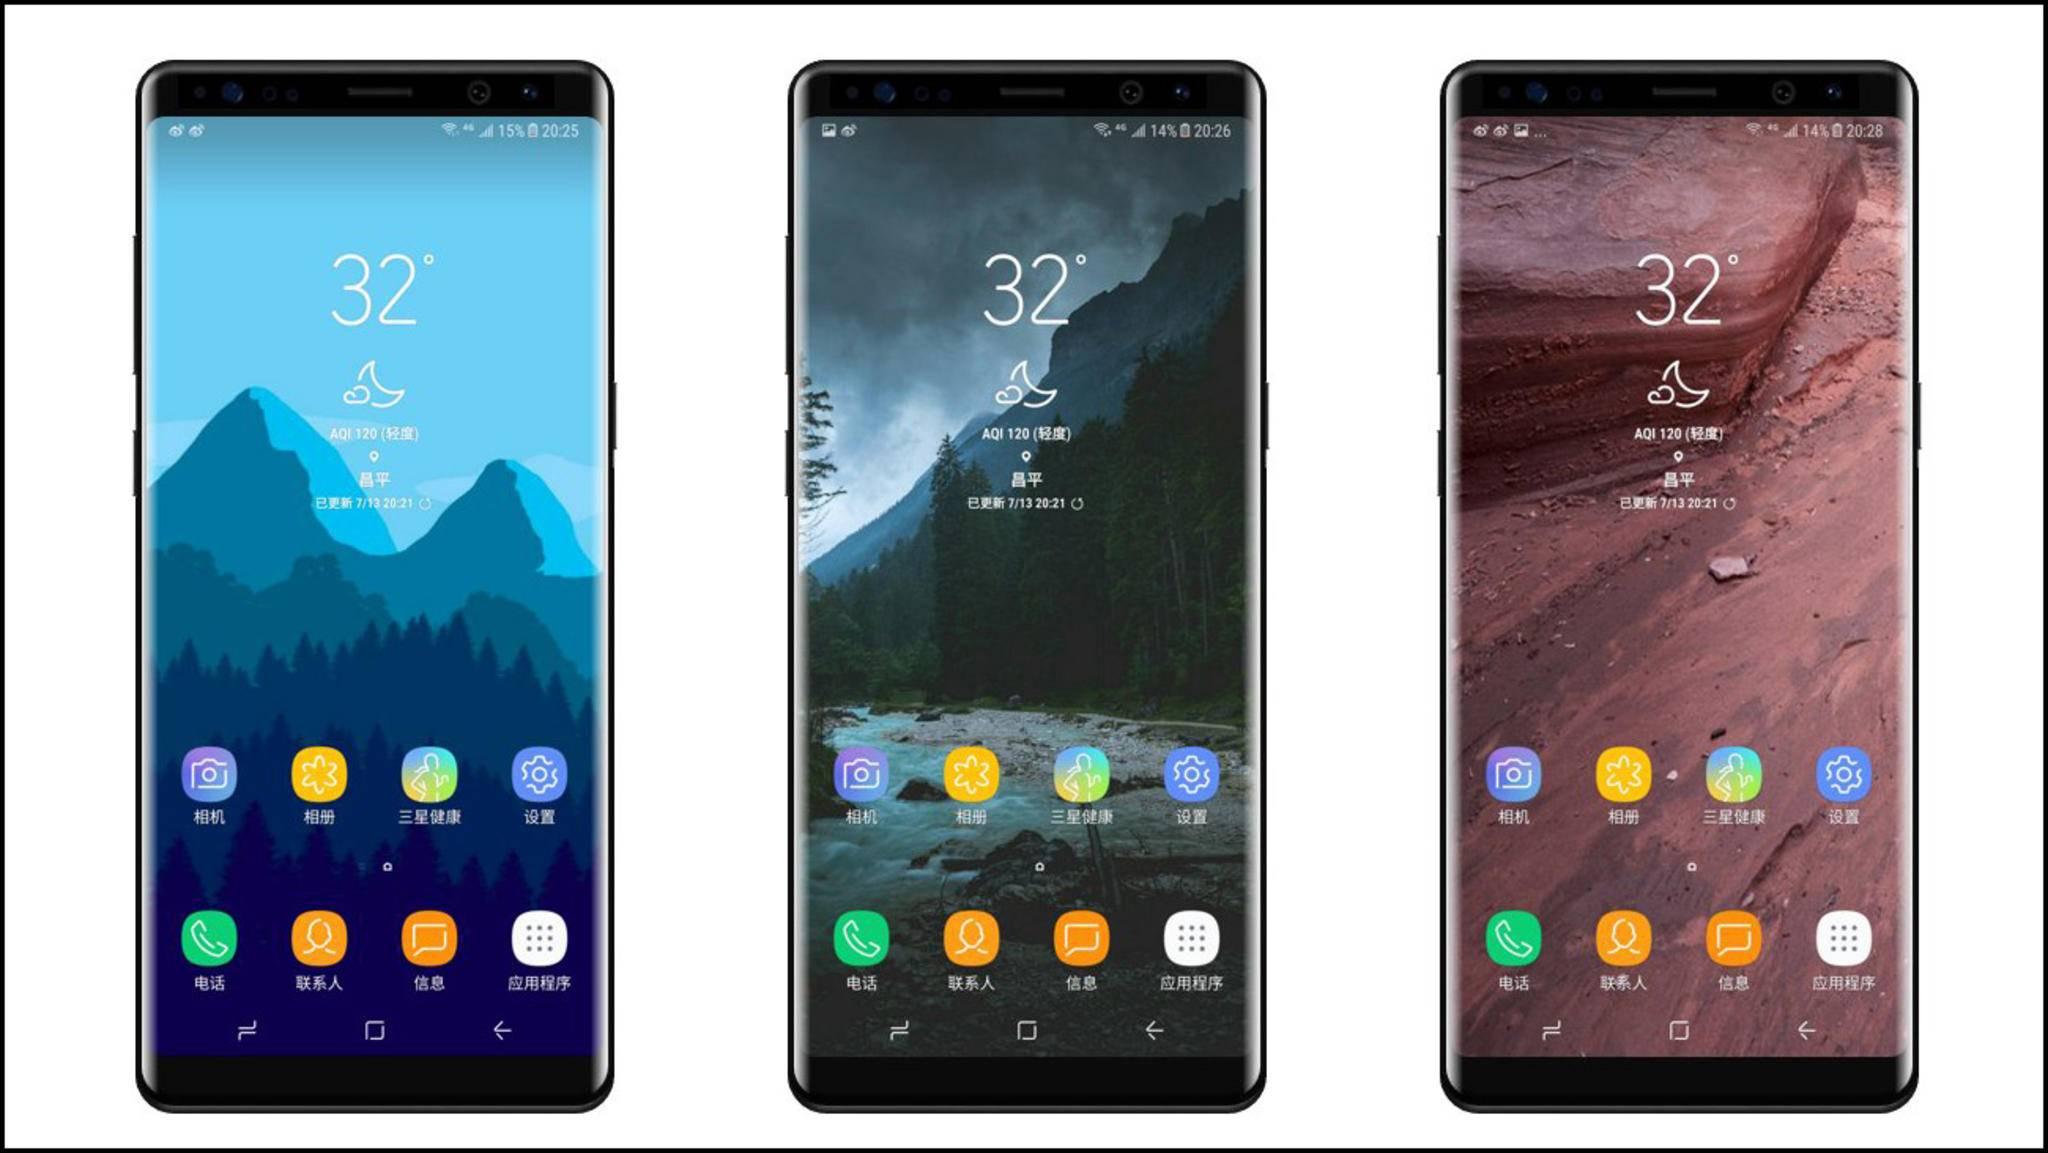 Samsung Galaxy S8 Note-Render